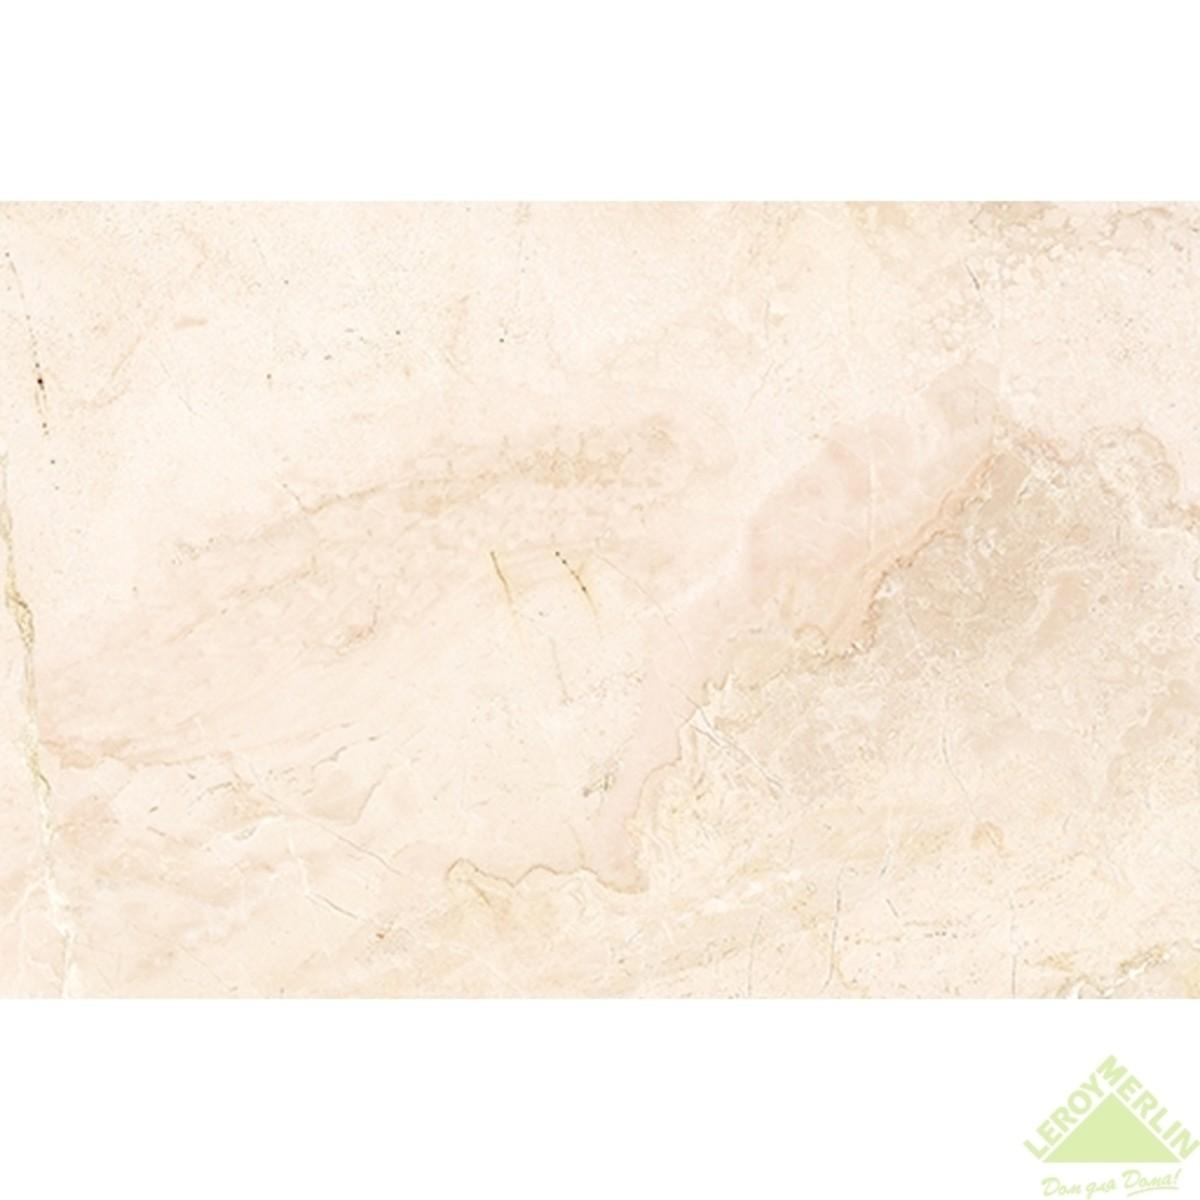 Плитка настенная Majestic 30x45 см 135 м2